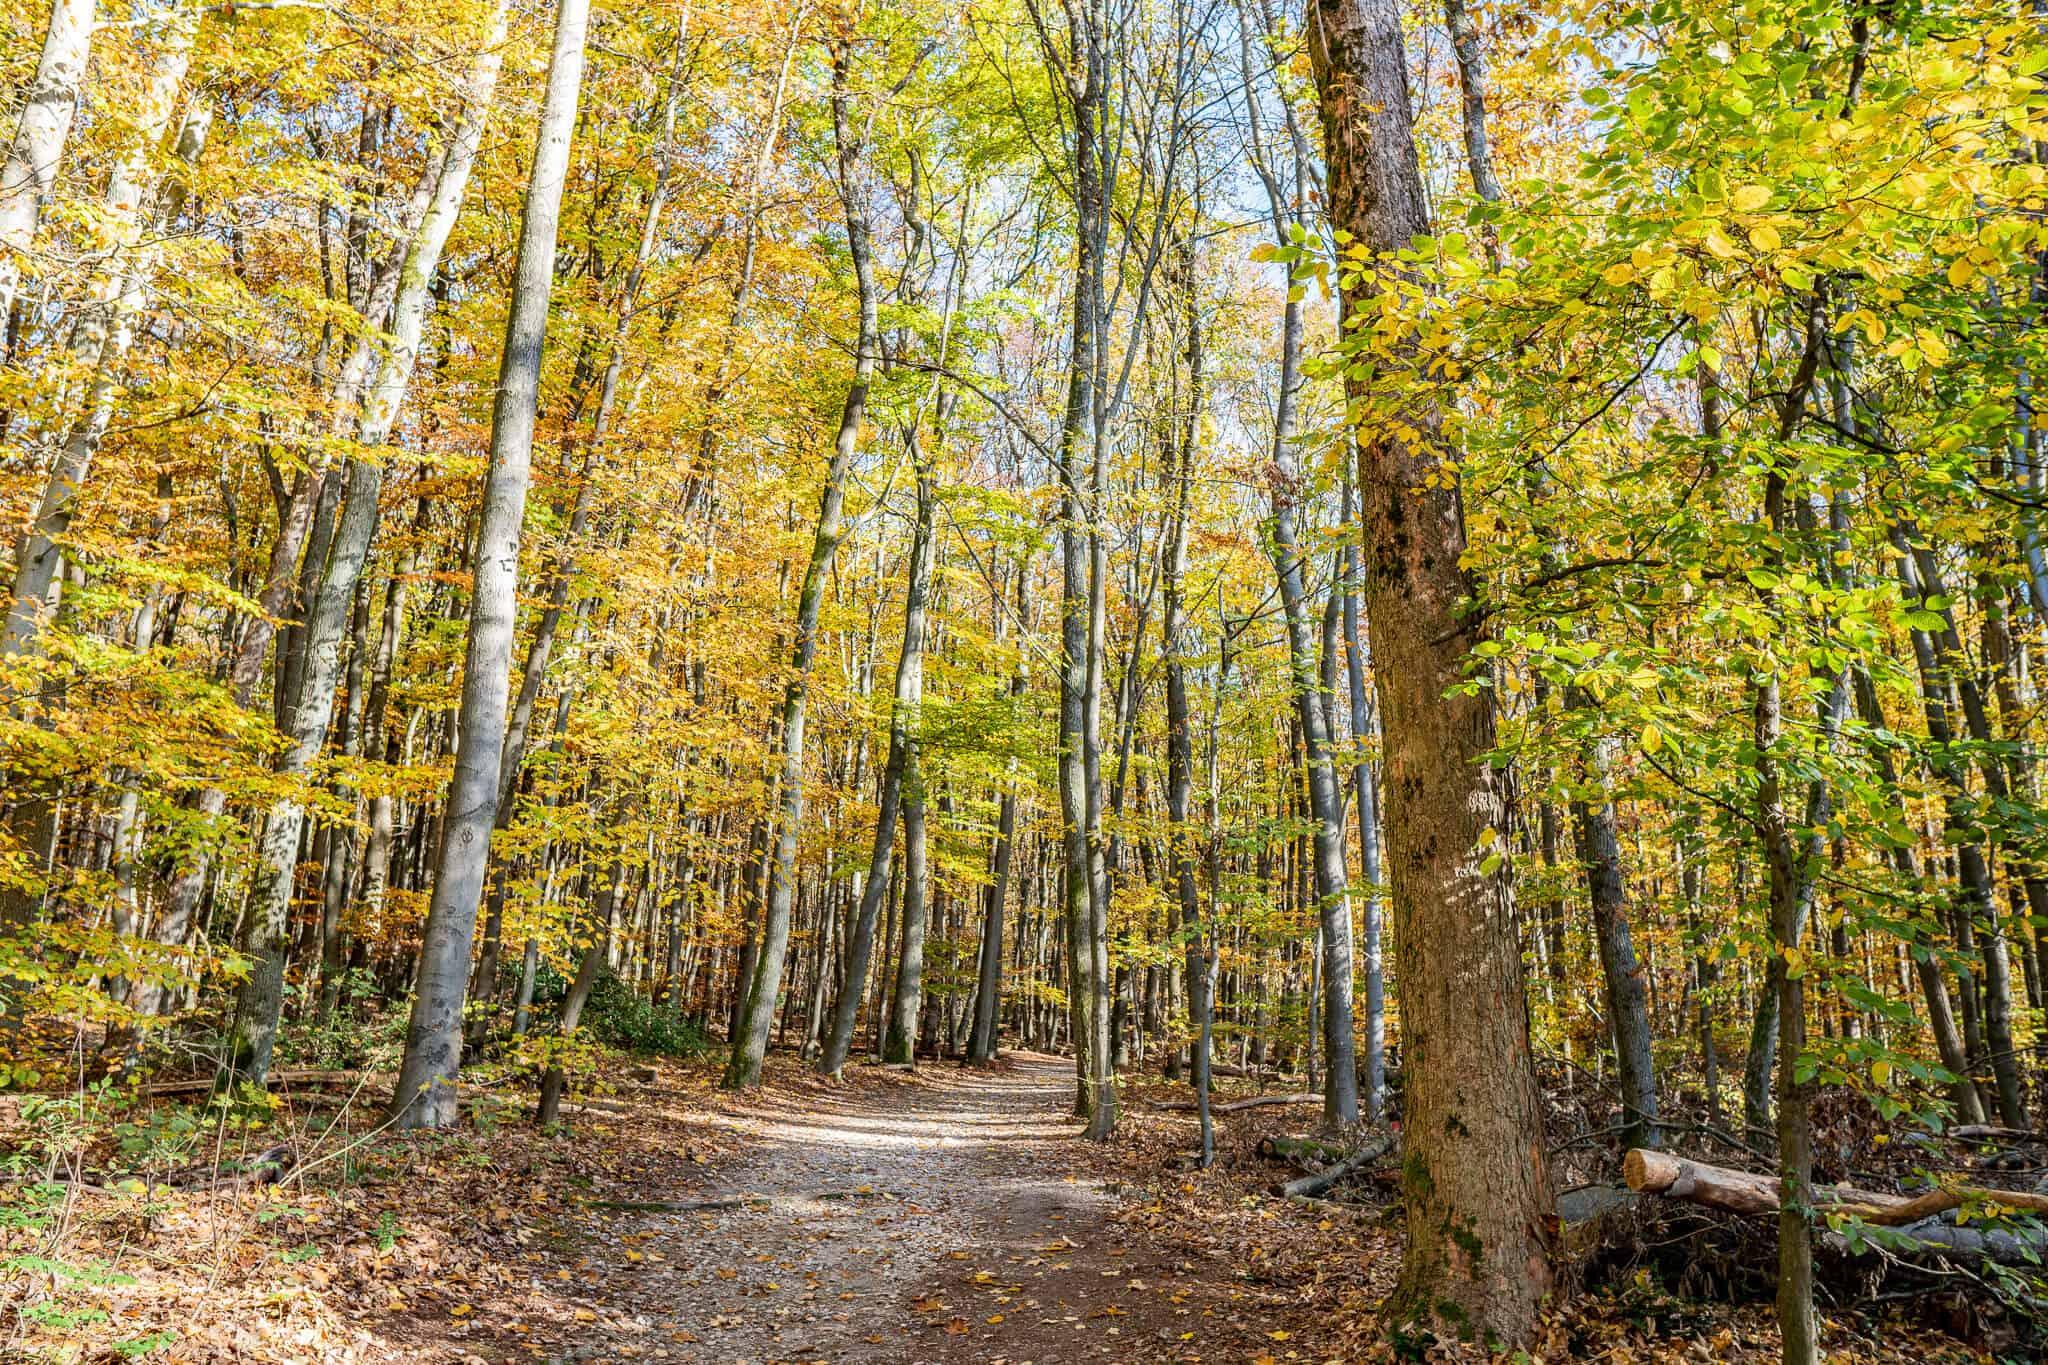 Koenigsteiner Wald